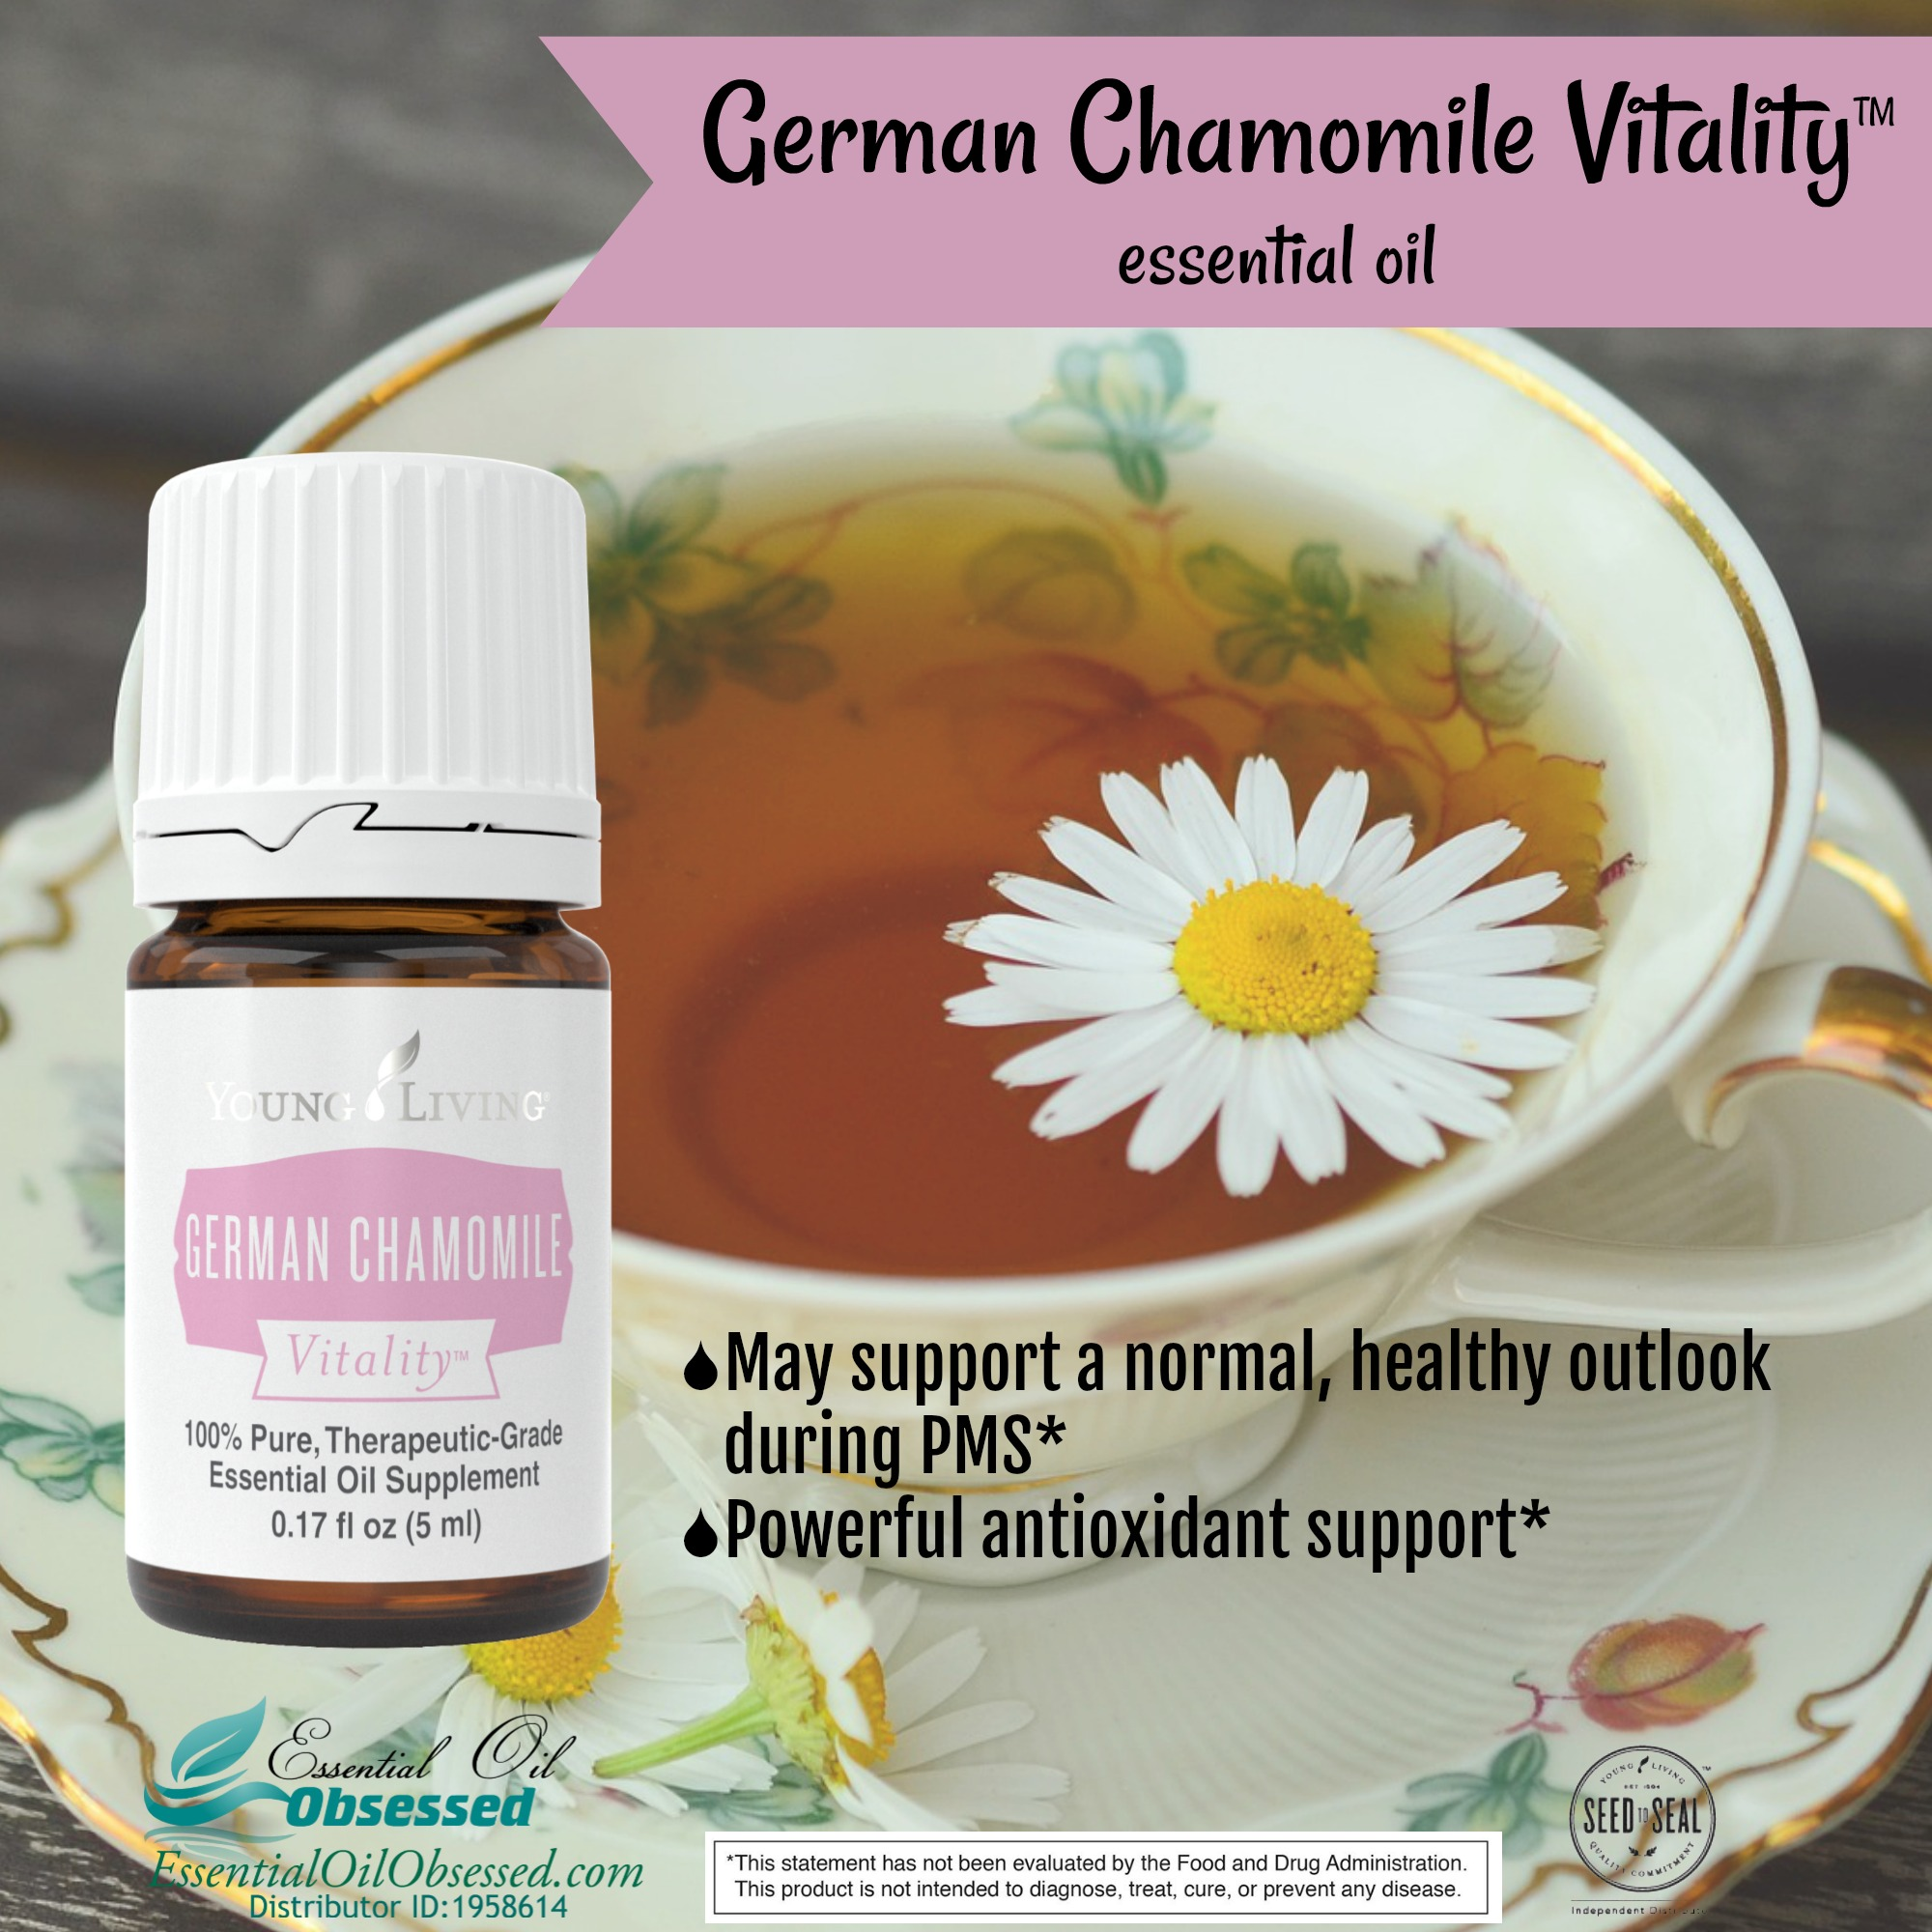 German Chamomile Vitality™